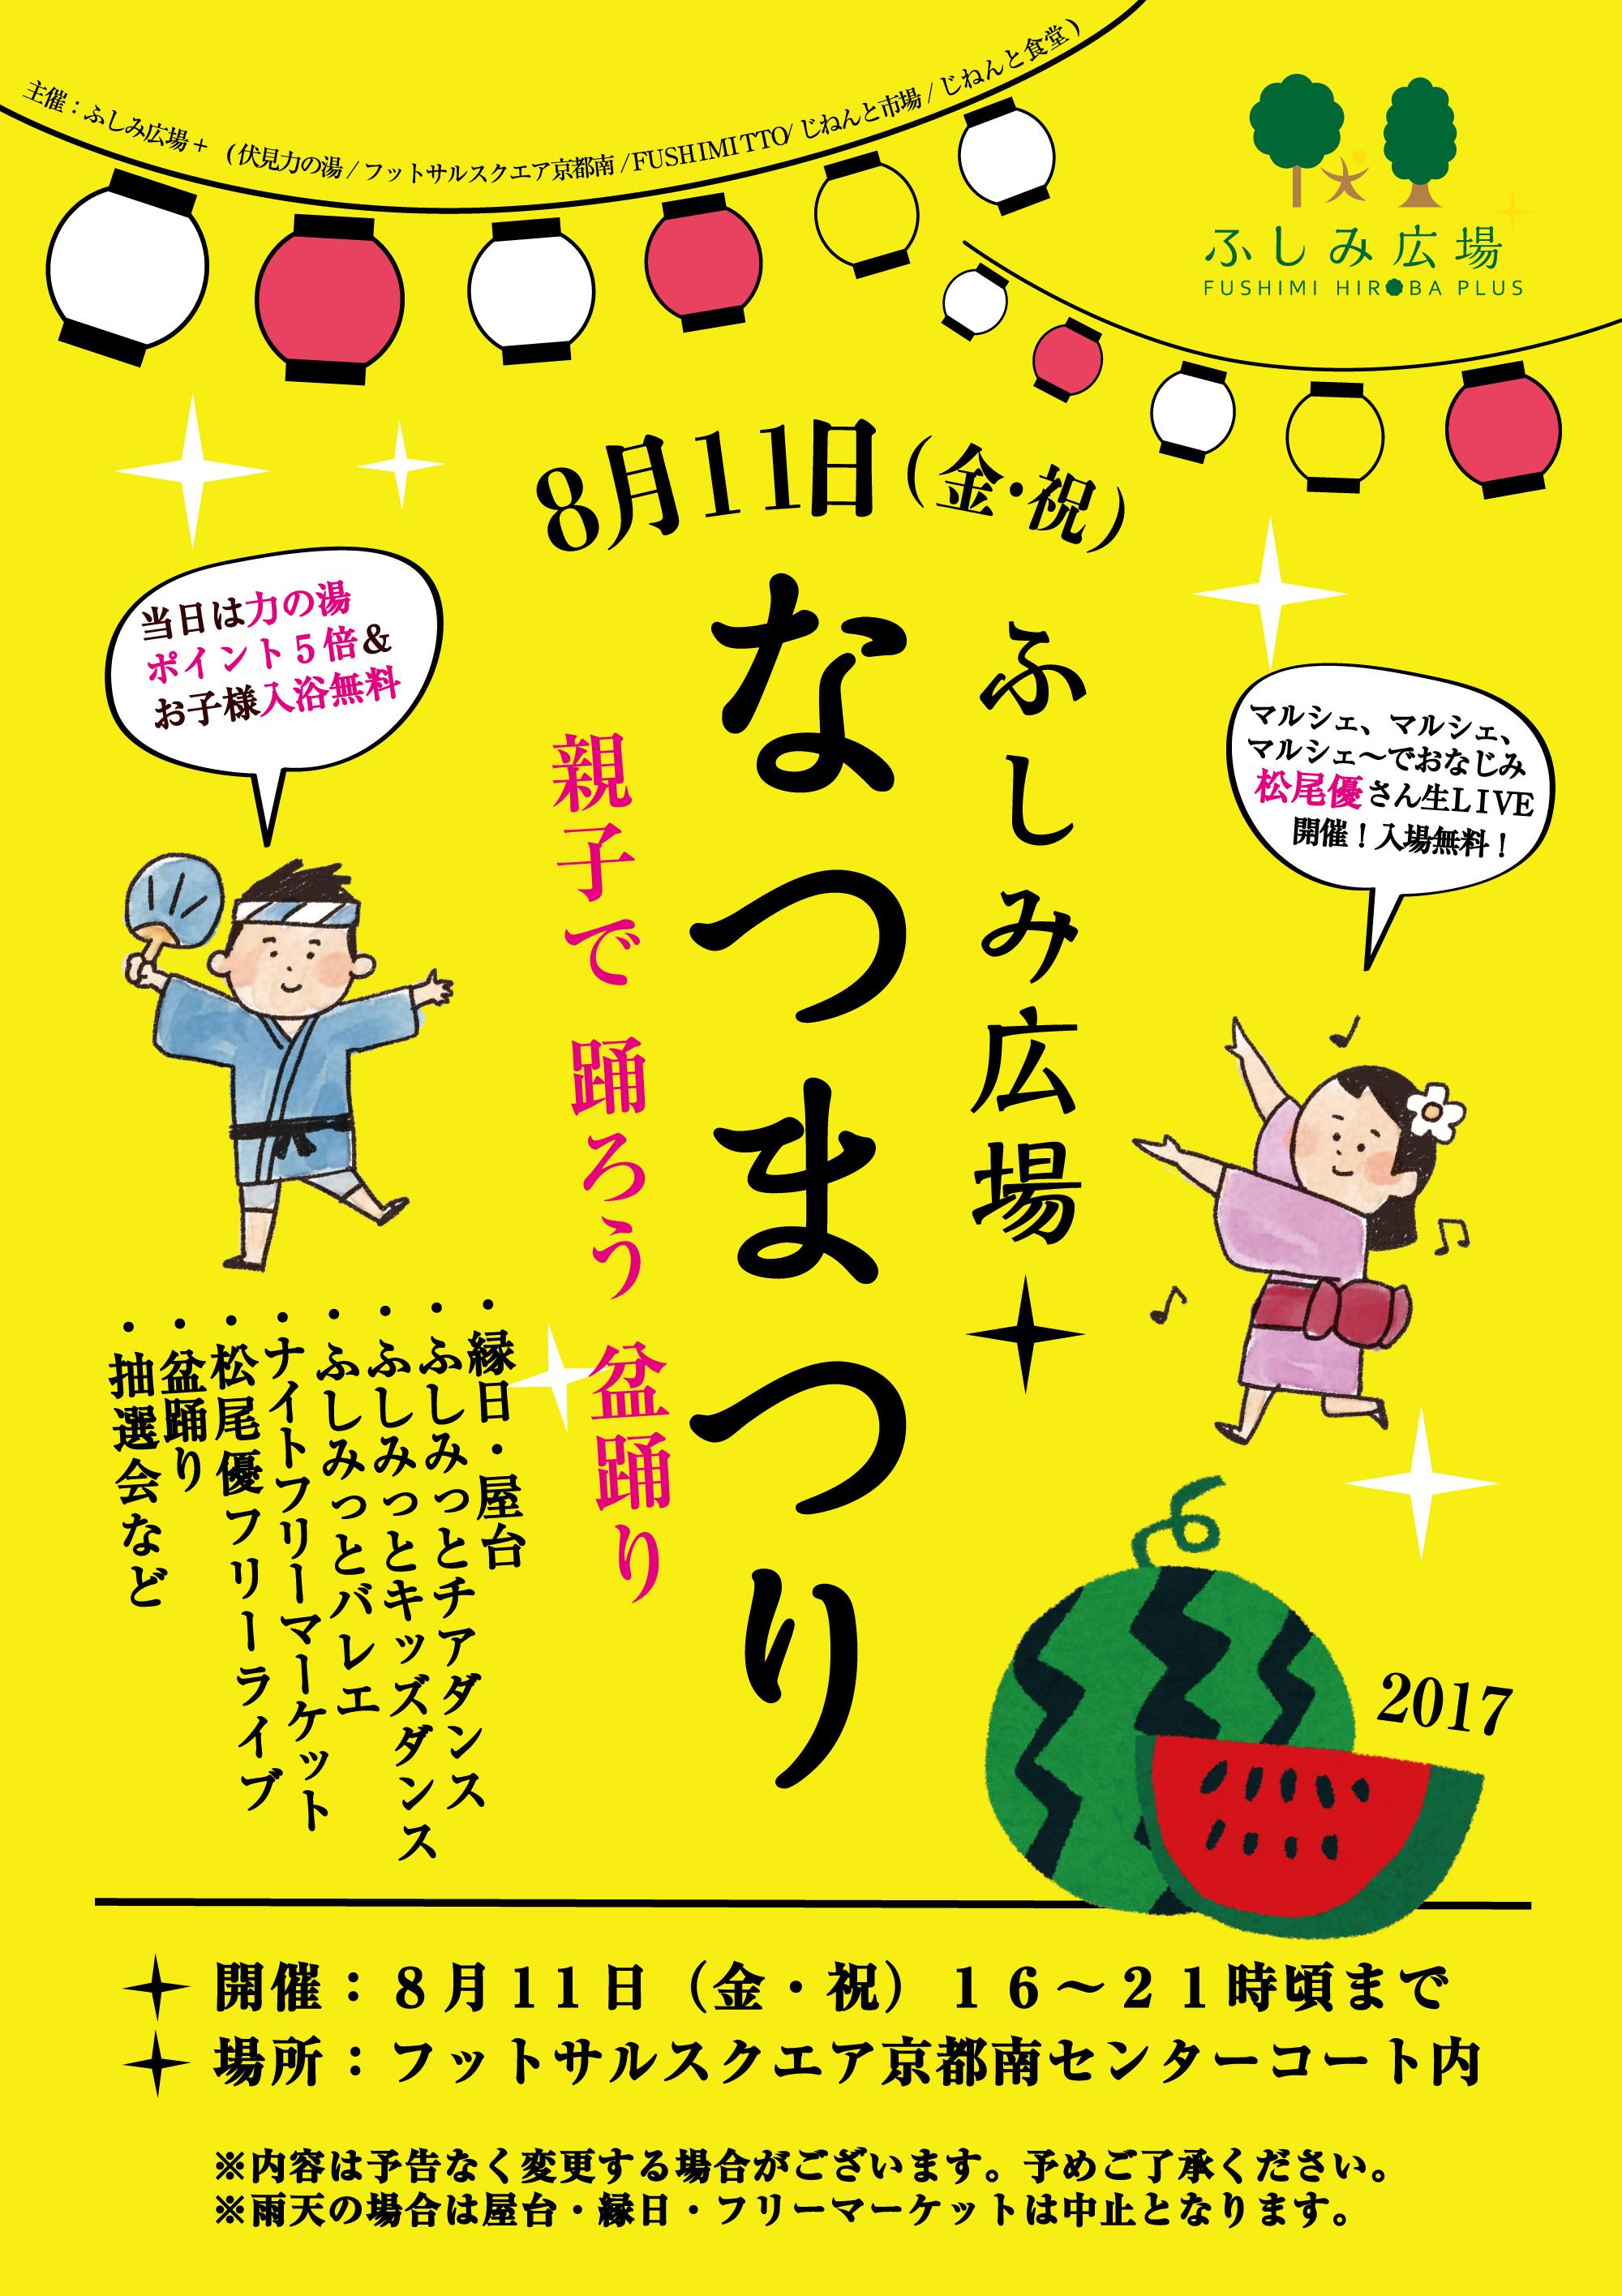 8/11(金・祝)ふしみ広場夏祭り開催!